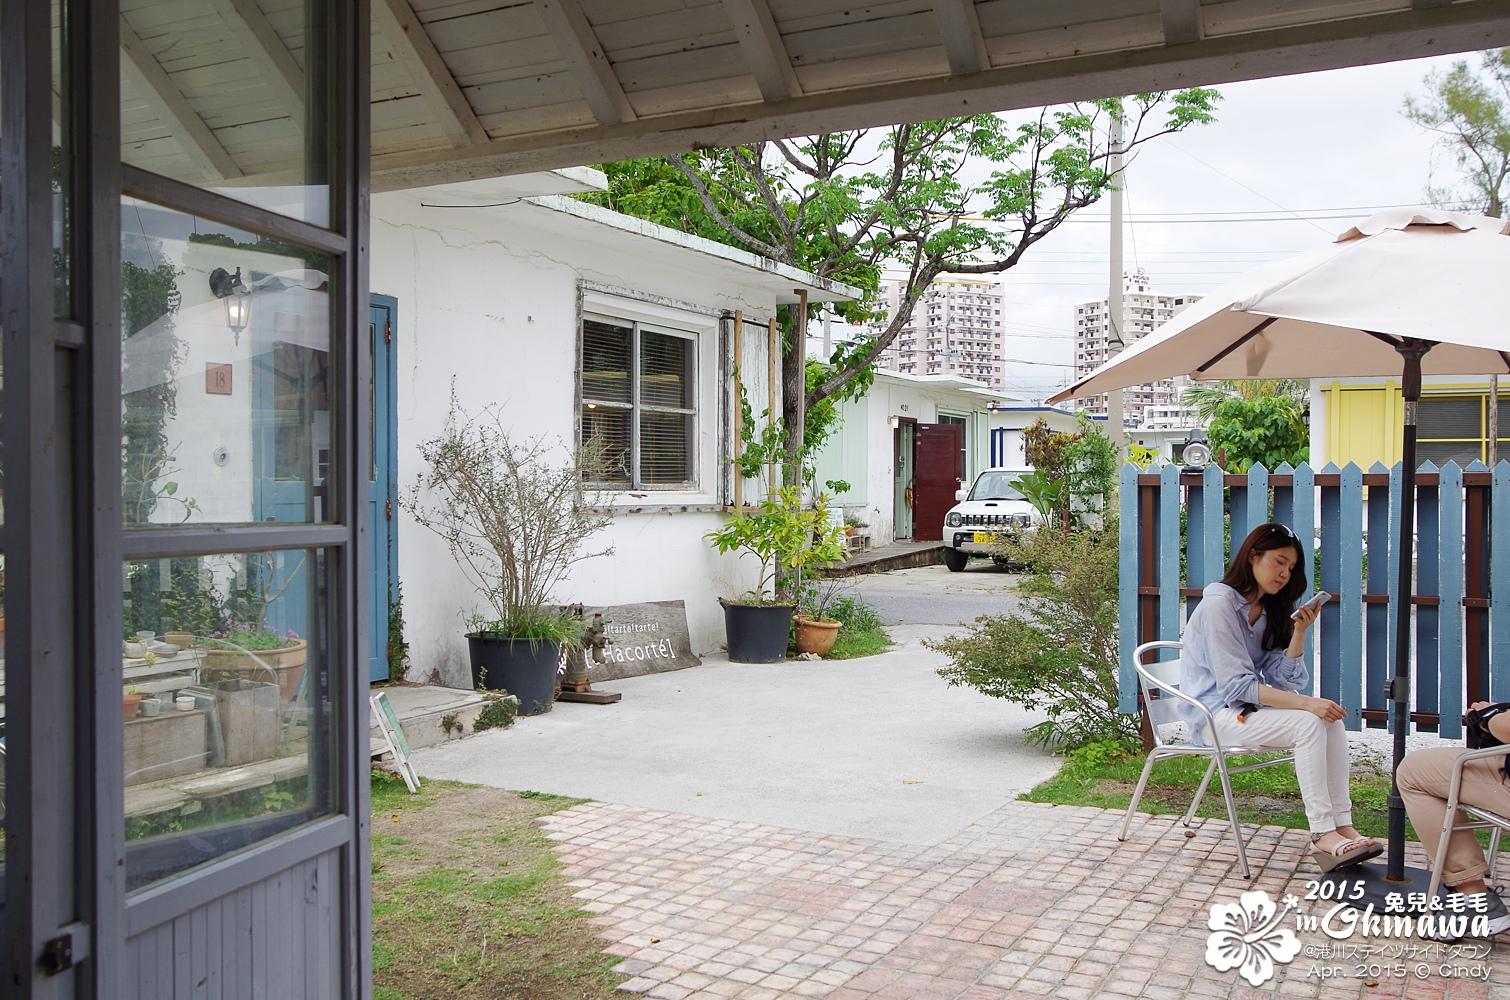 2015-0407-港川外人住宅-52.jpg